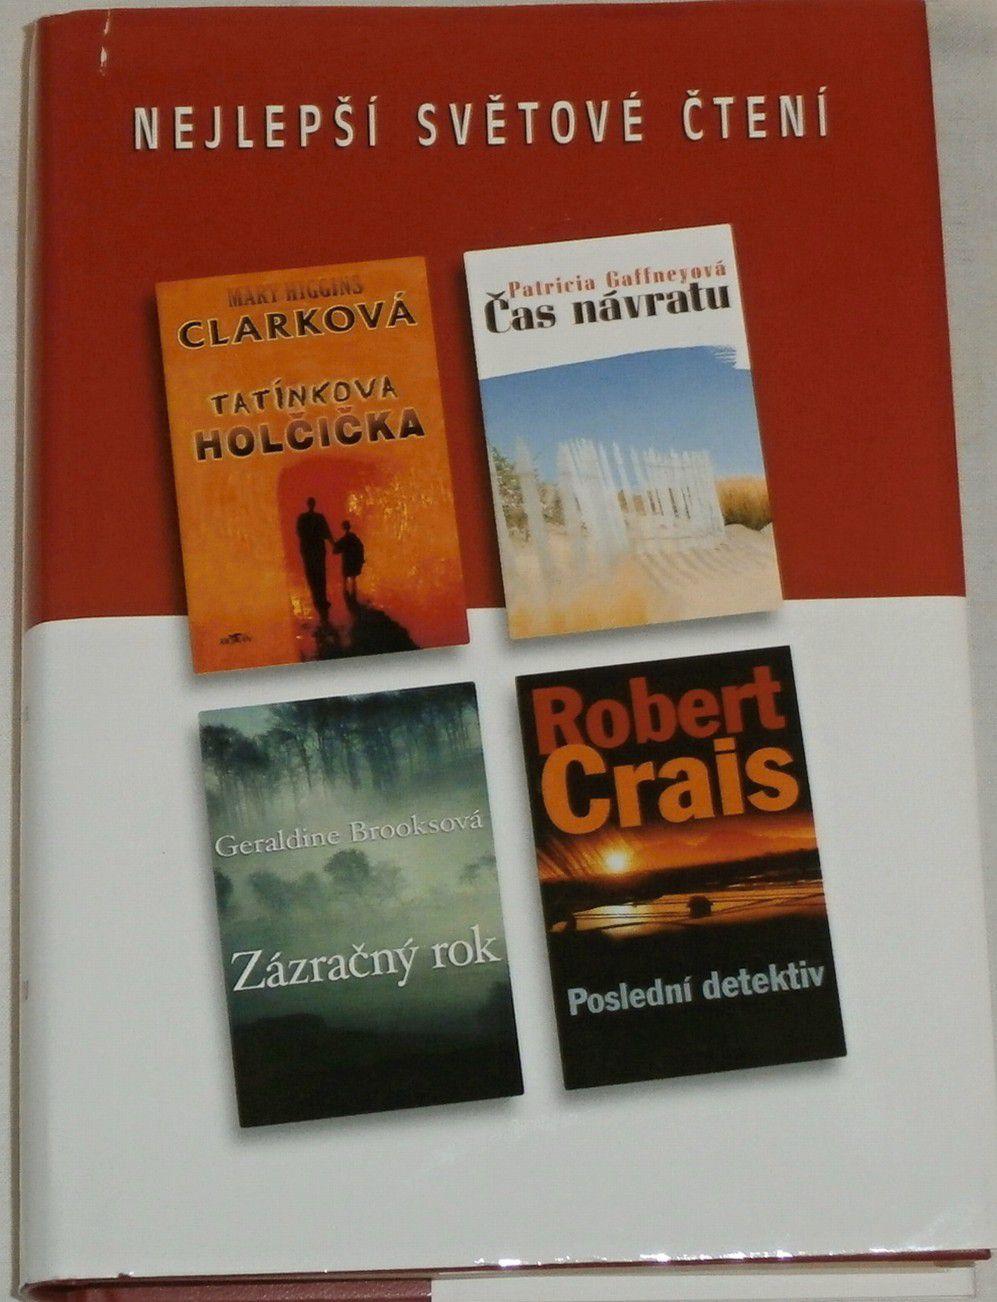 Nejlepší světové čtení - Clarková, Gaffneyová, Brooksová, Crais